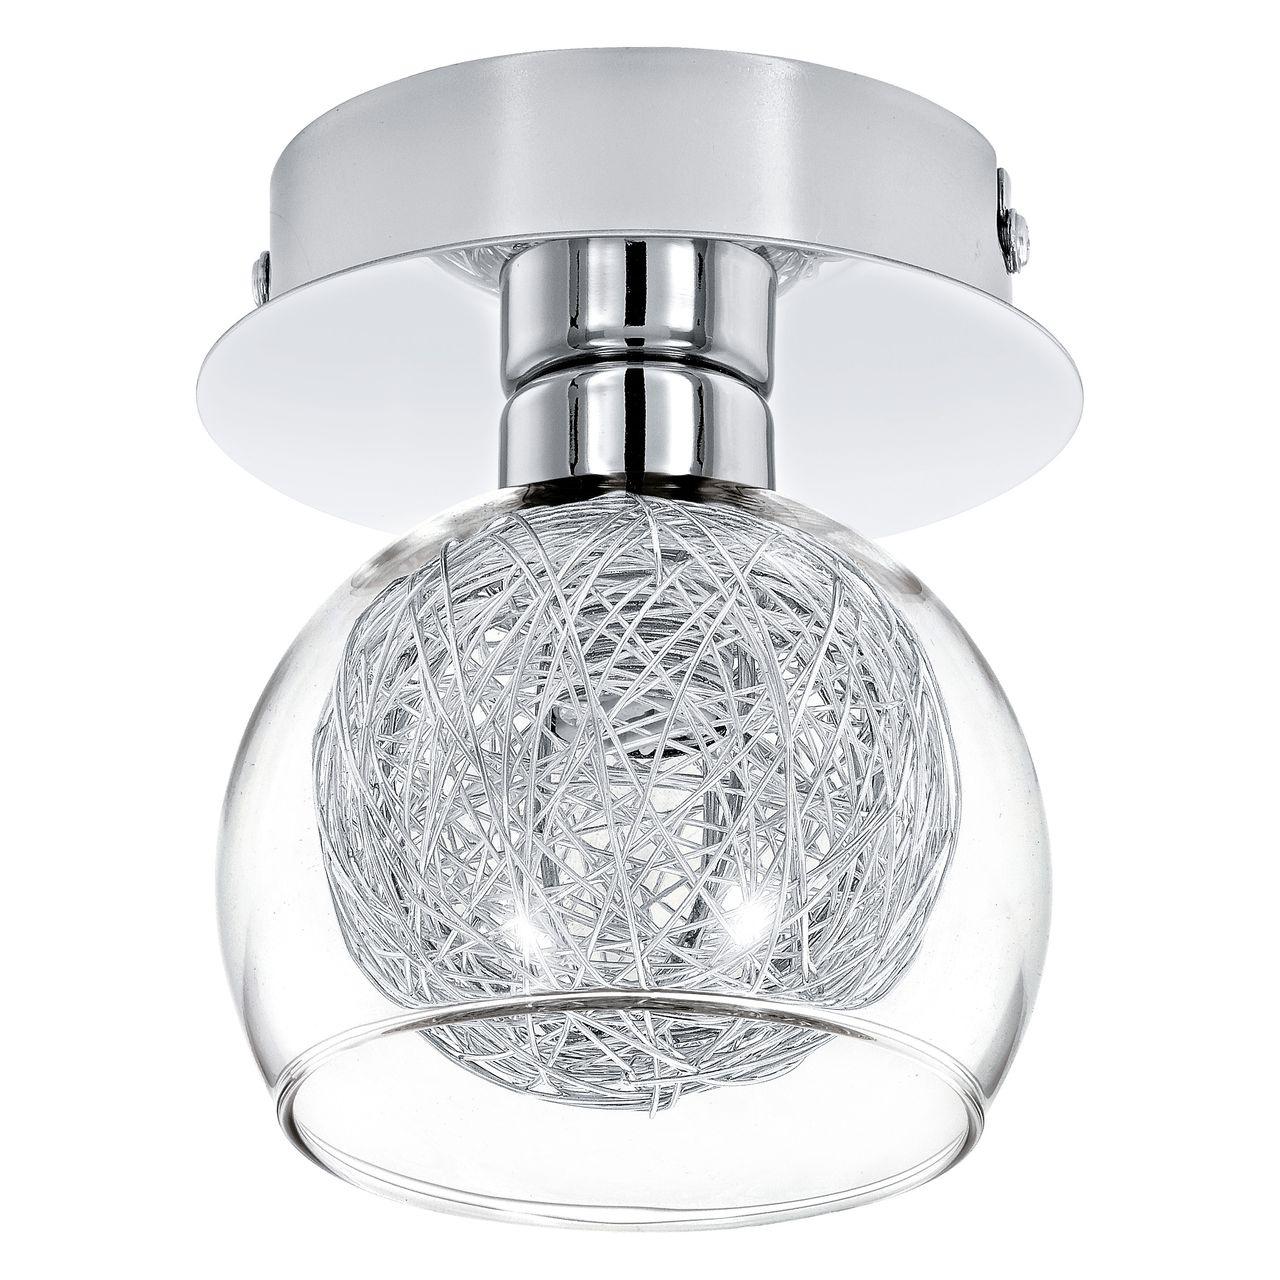 Потолочный светильник Eglo Oviedo 1 93066 eglo спот oviedo 1 1x33w g9 ip20